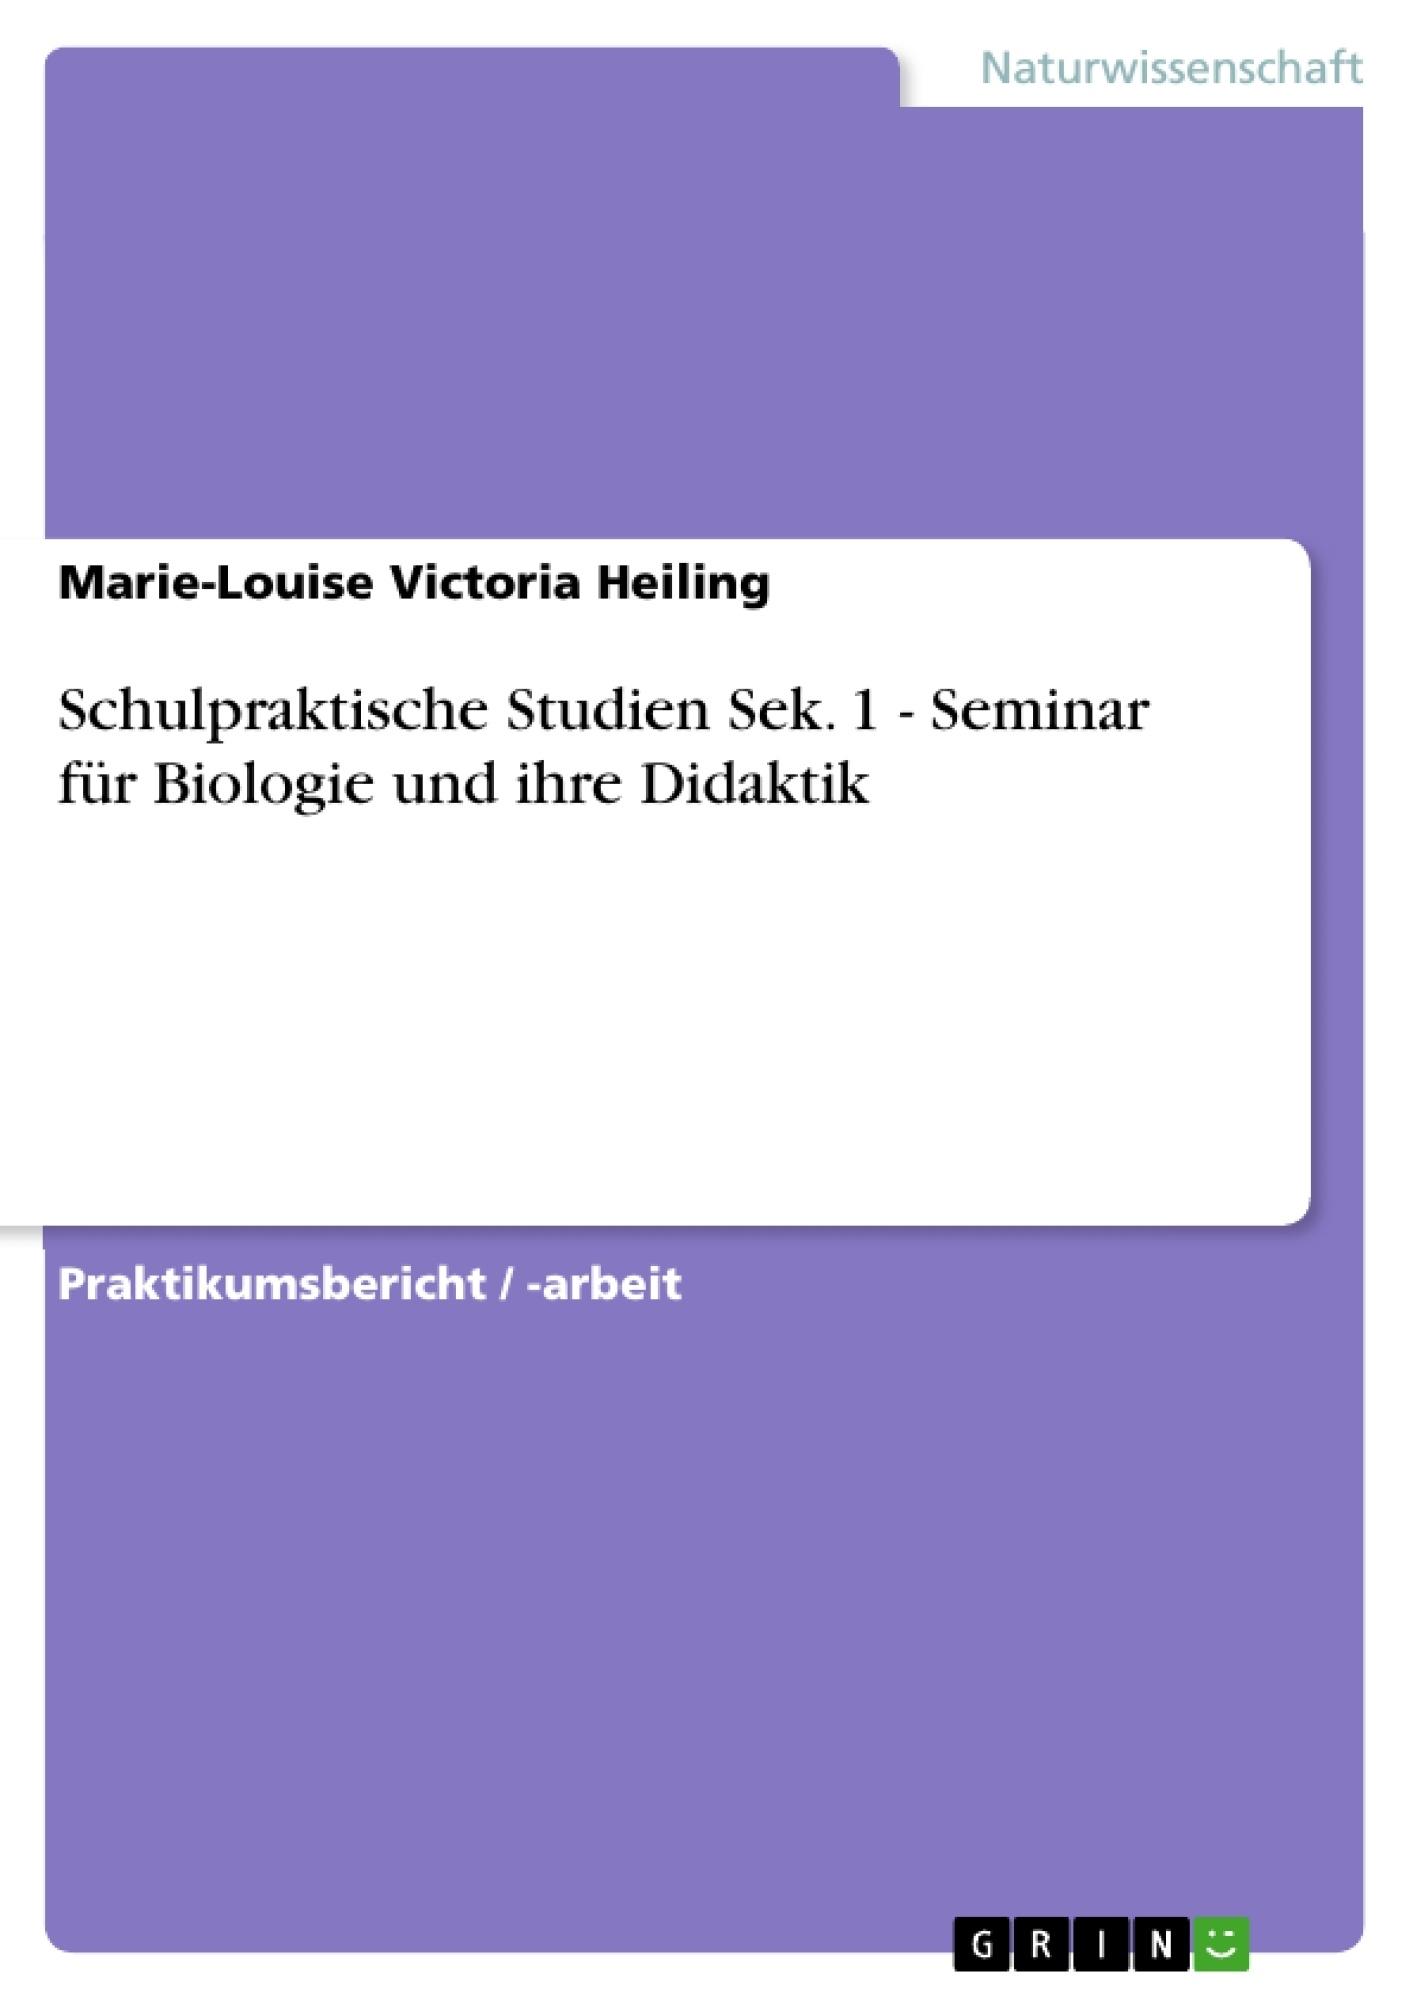 Titel: Schulpraktische Studien Sek. 1 - Seminar für Biologie und ihre Didaktik